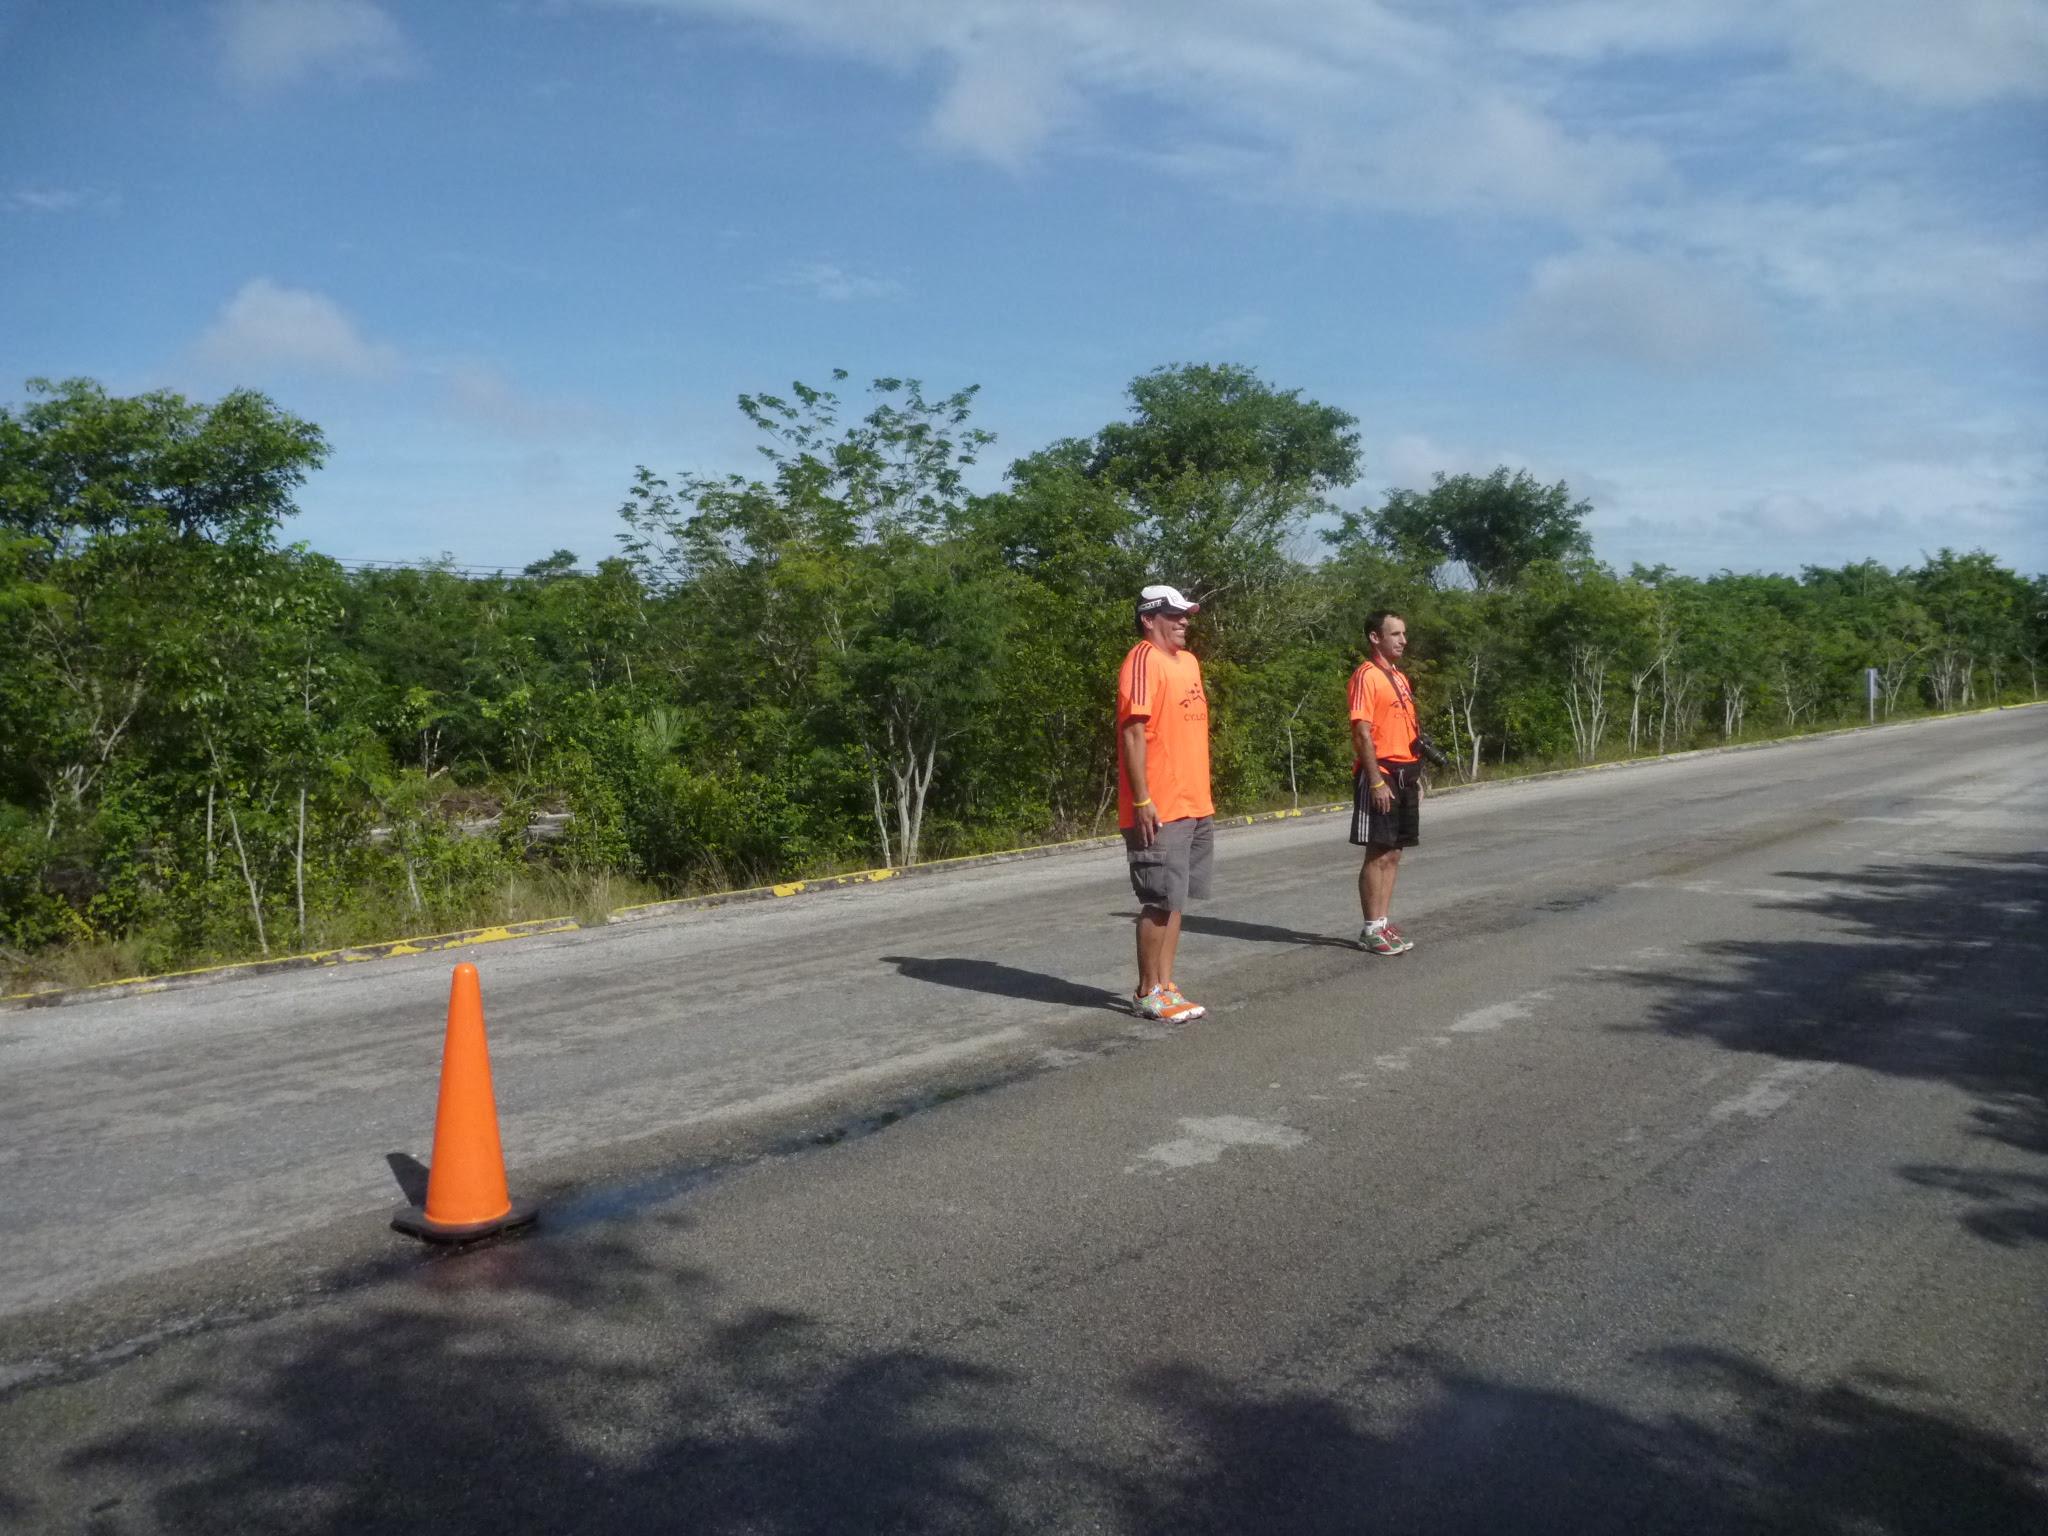 orange_ironman_cones